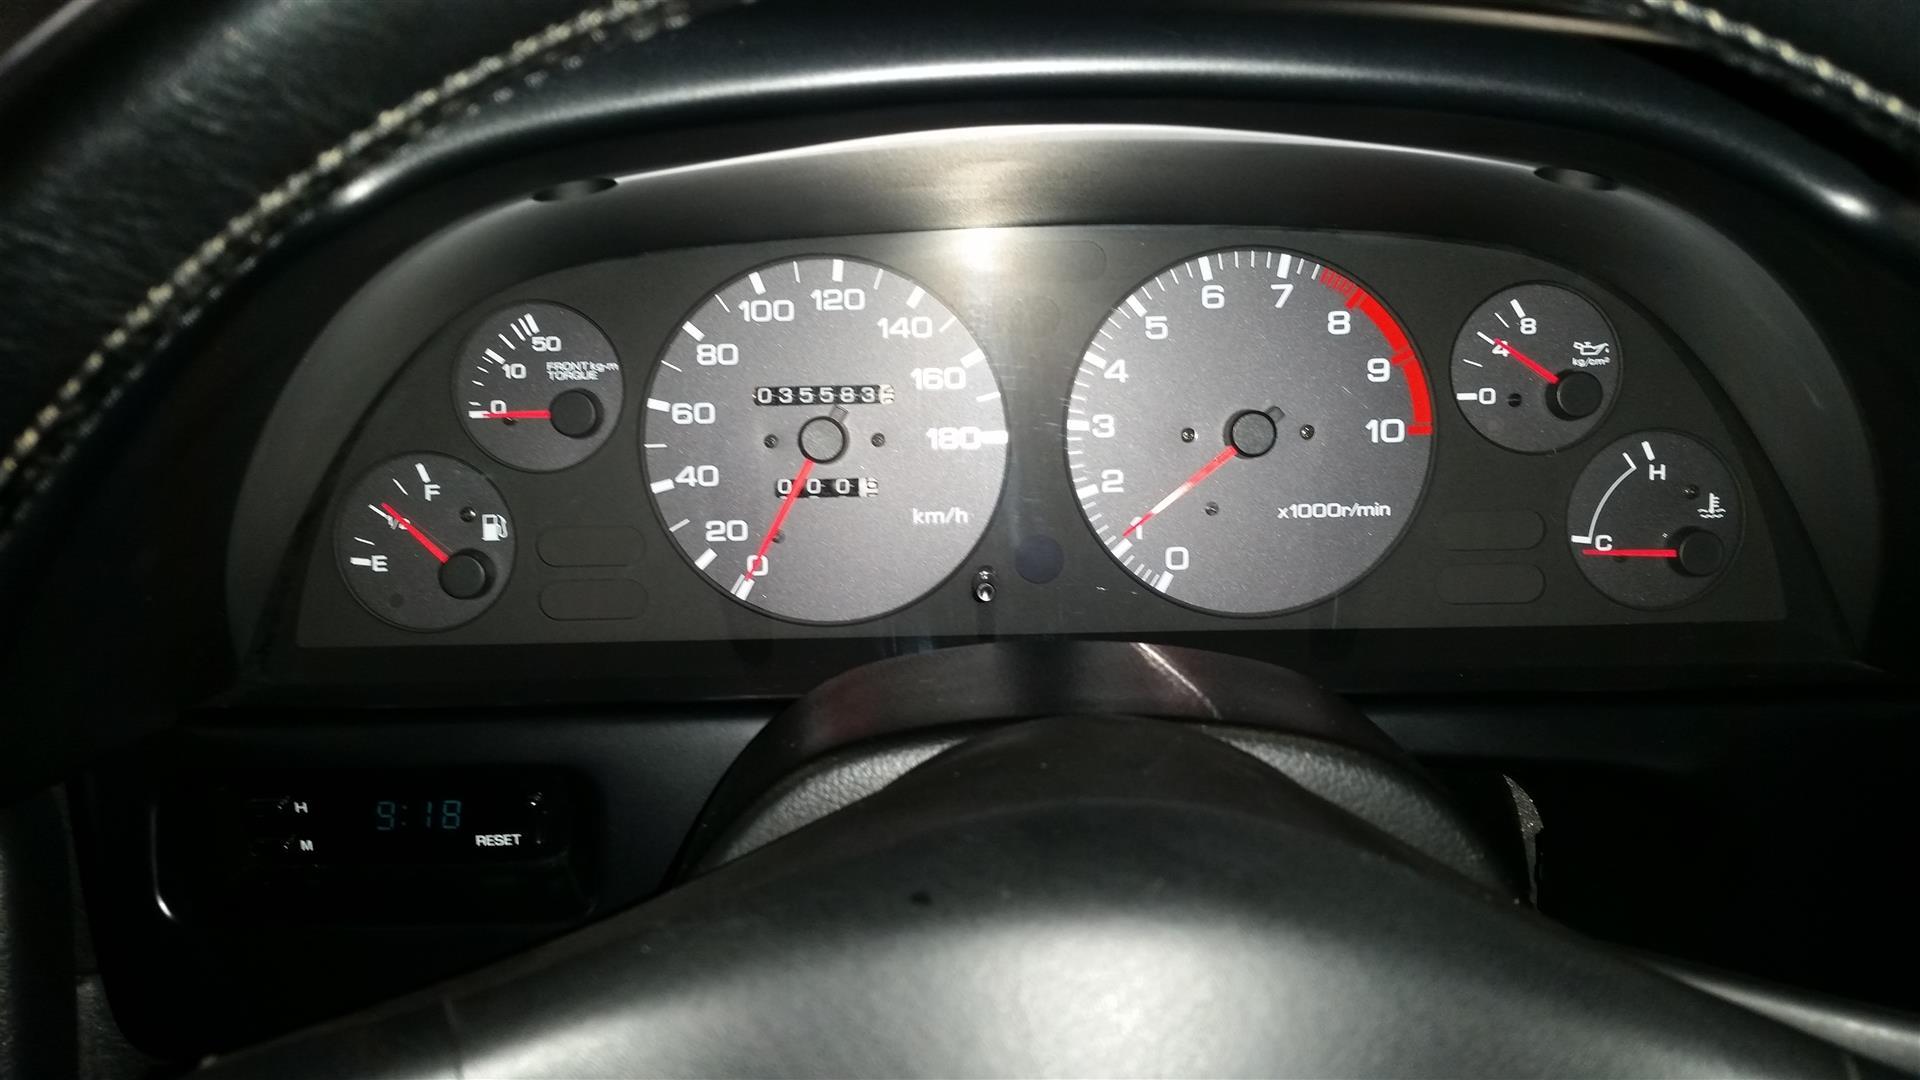 R32 GTR VSpec2 gauges